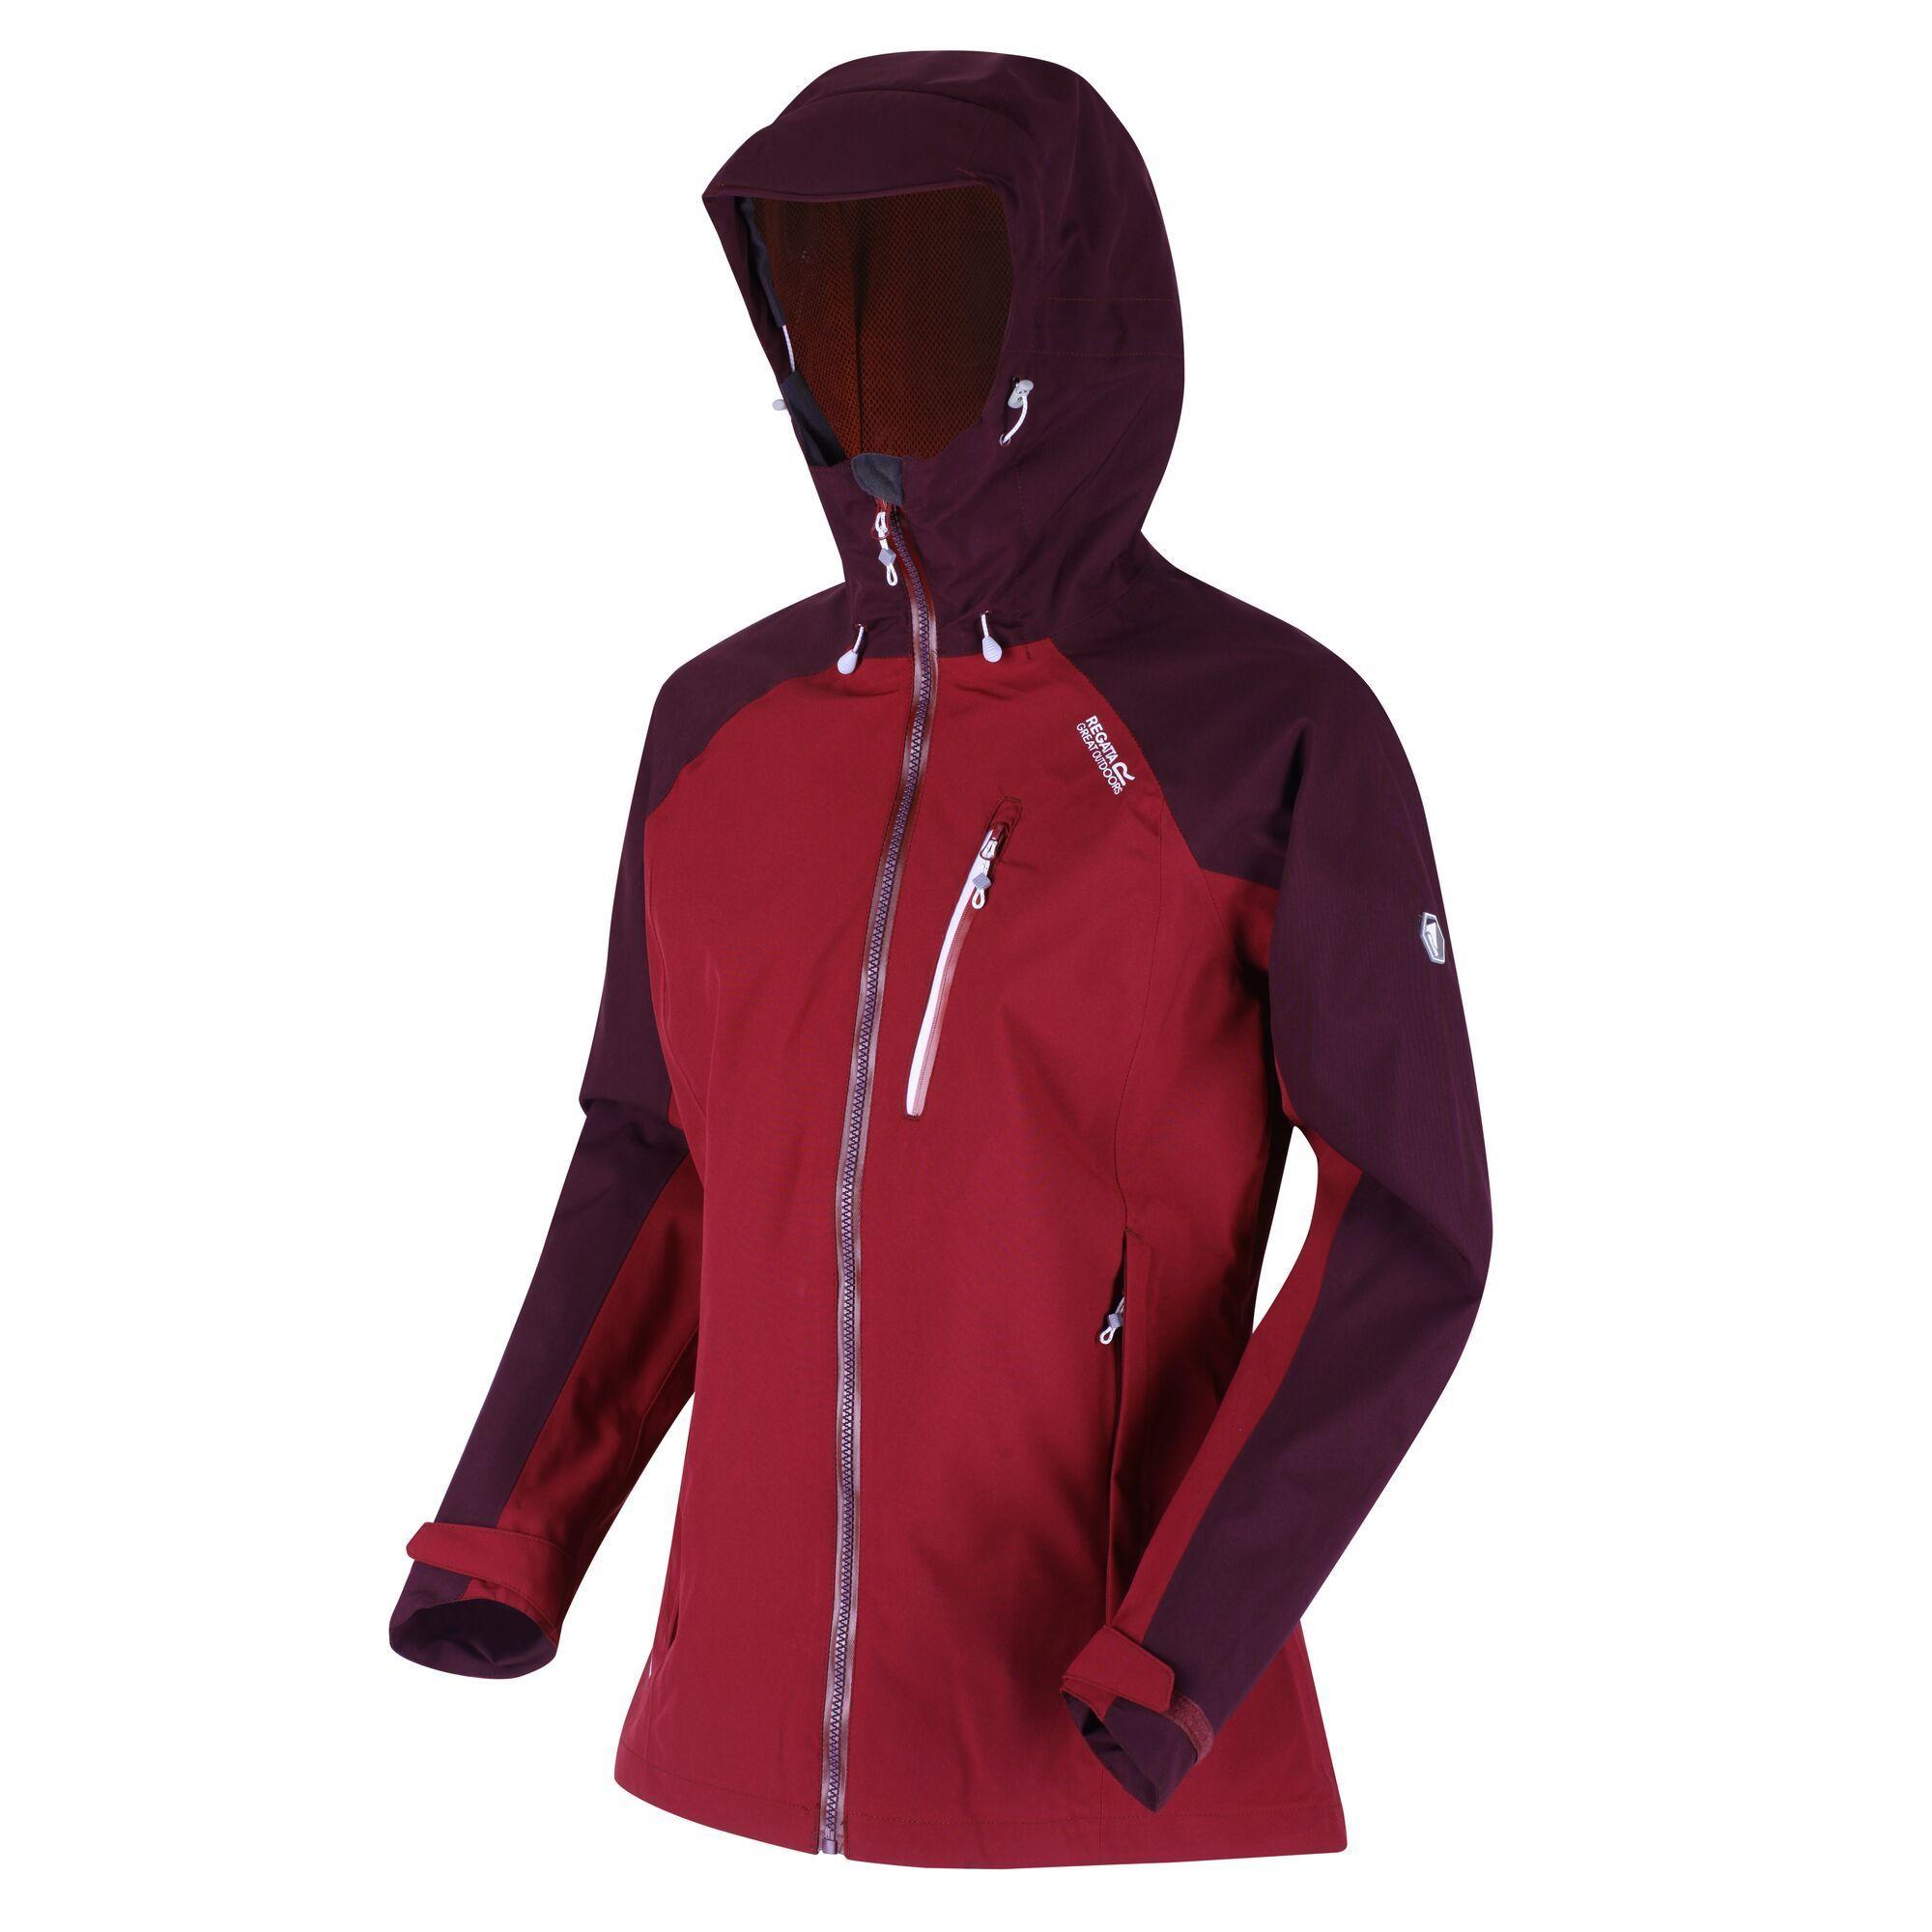 Regatta Women's Birchdale Waterproof Shell Jacket